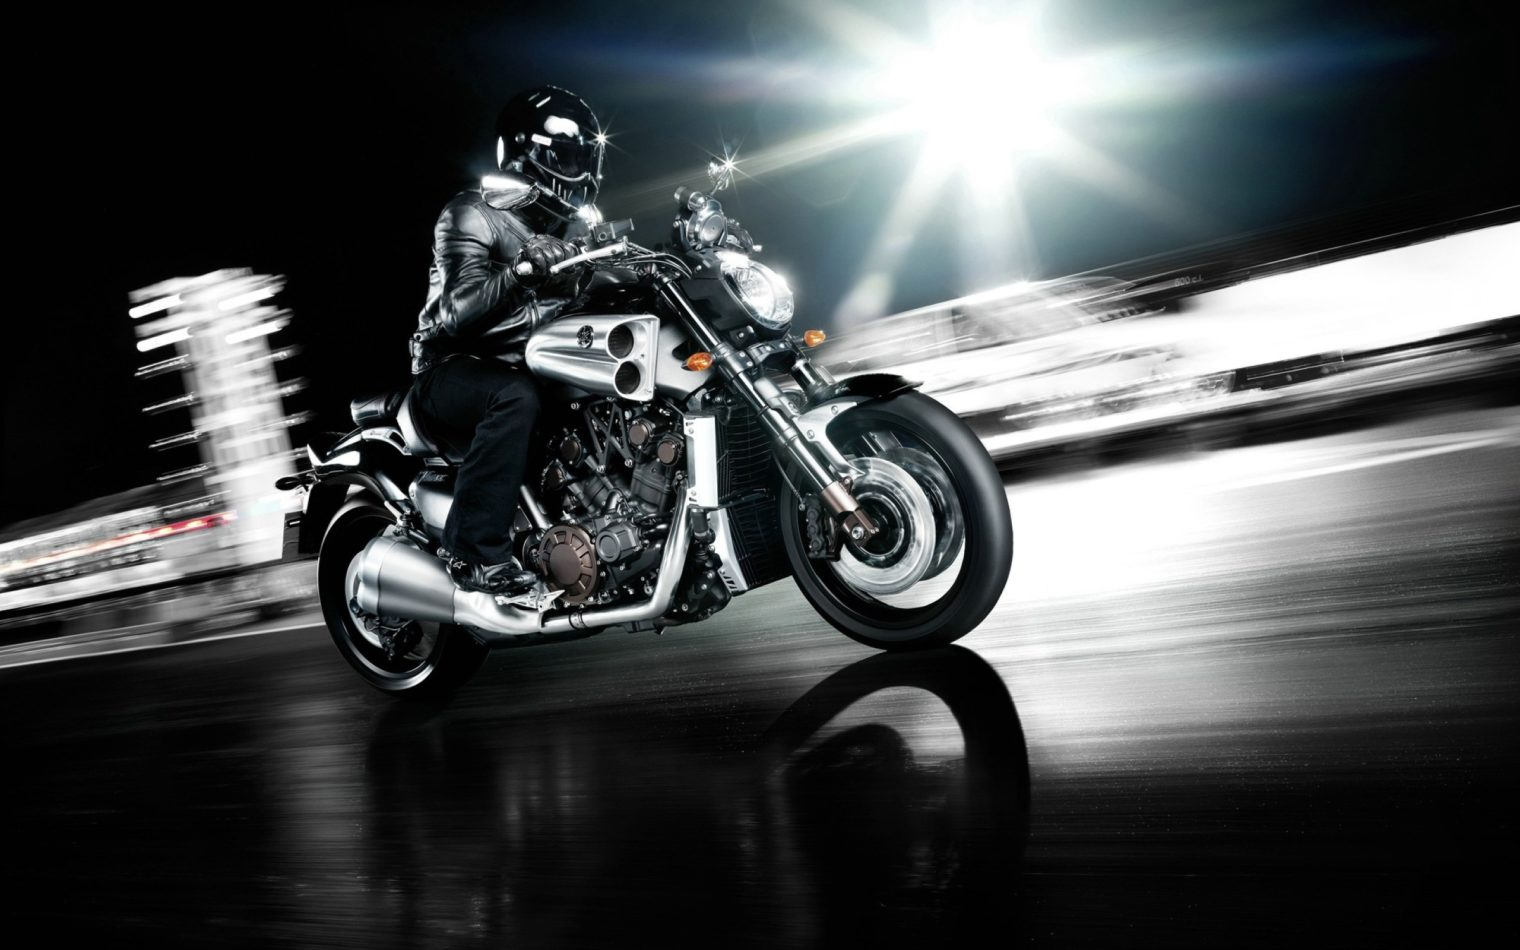 Ograniczenie-prędkości-w-nocy